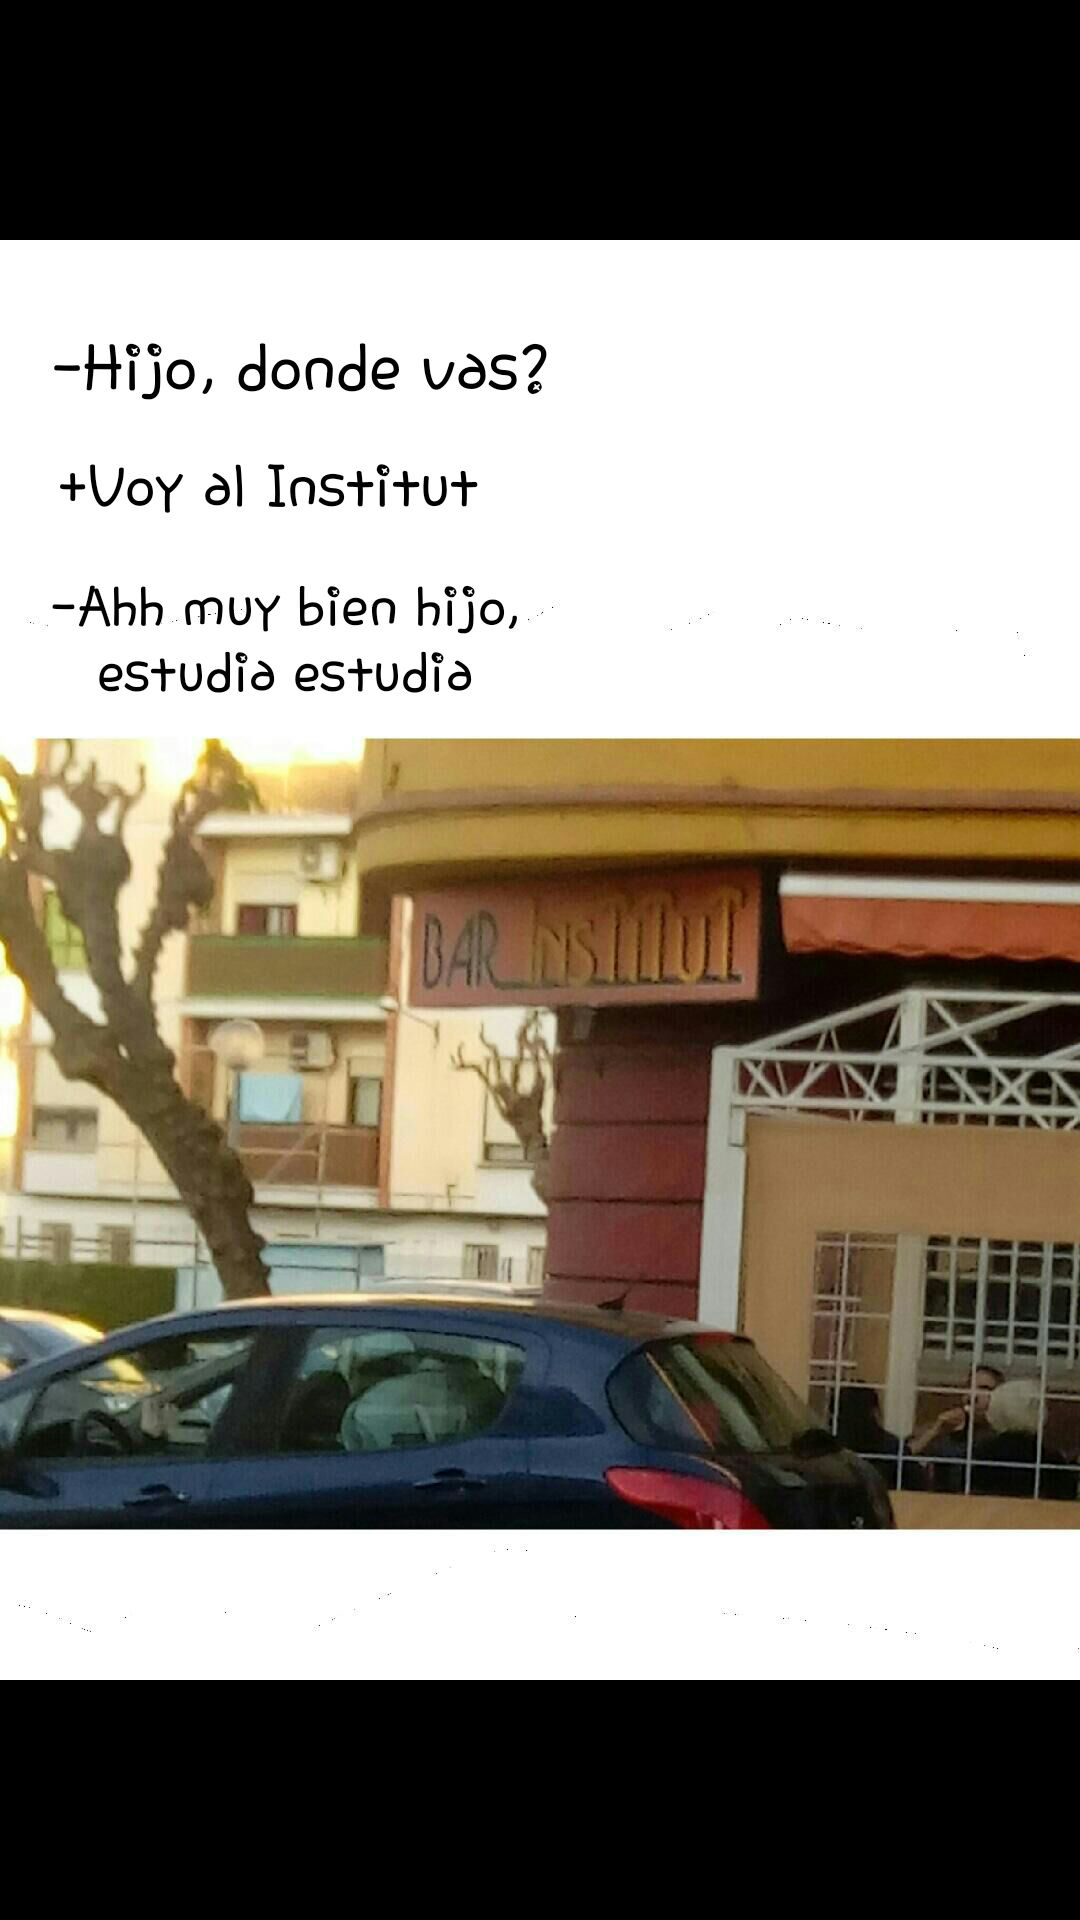 Institut (instituto) - meme